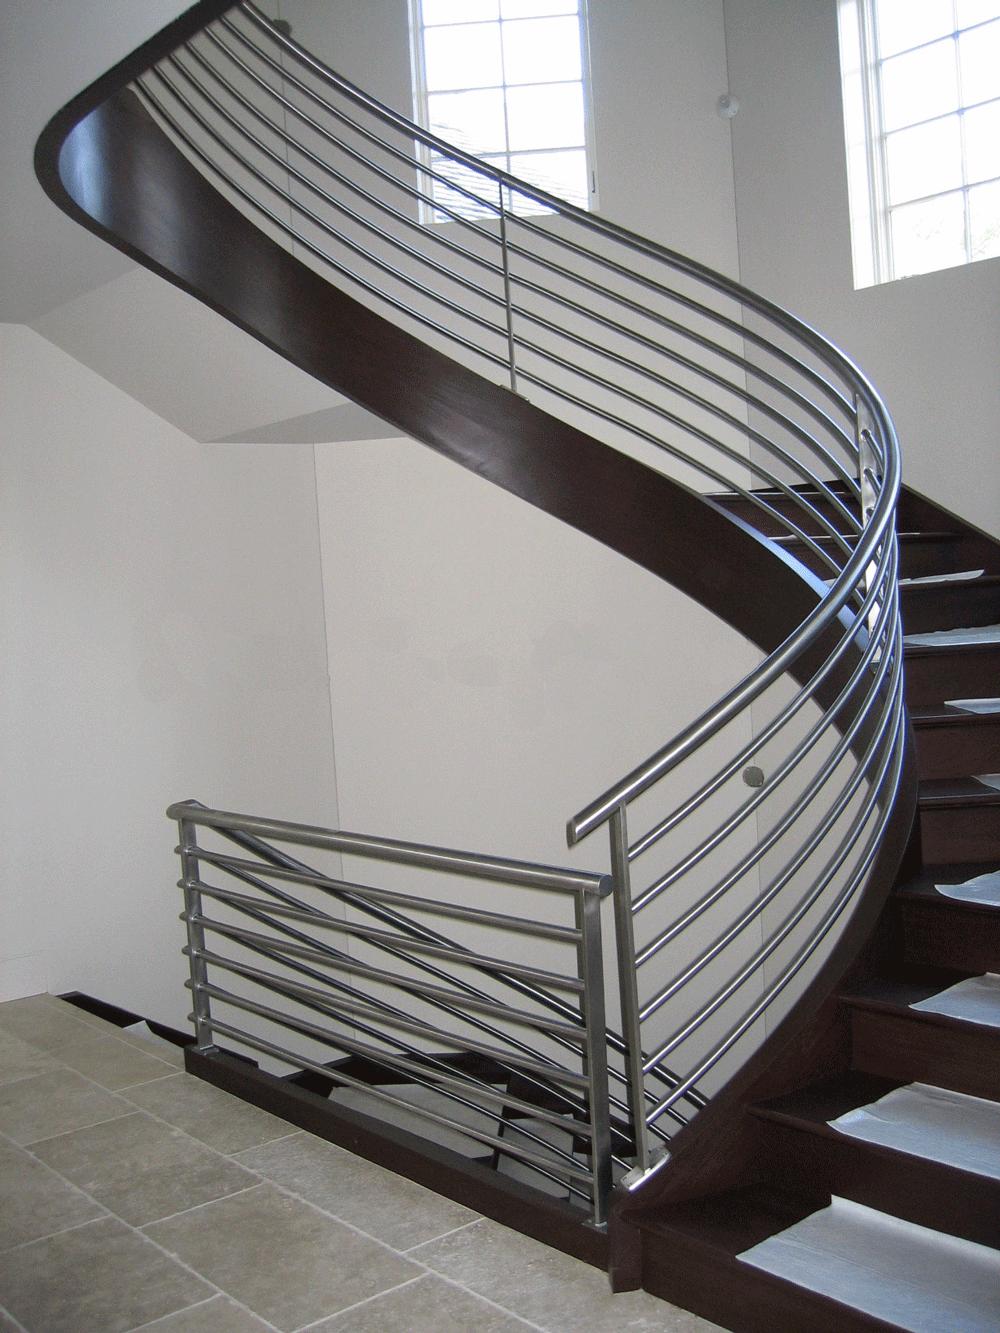 Cầu thang xoắn ốc cũ đẹp - Mẫu 21